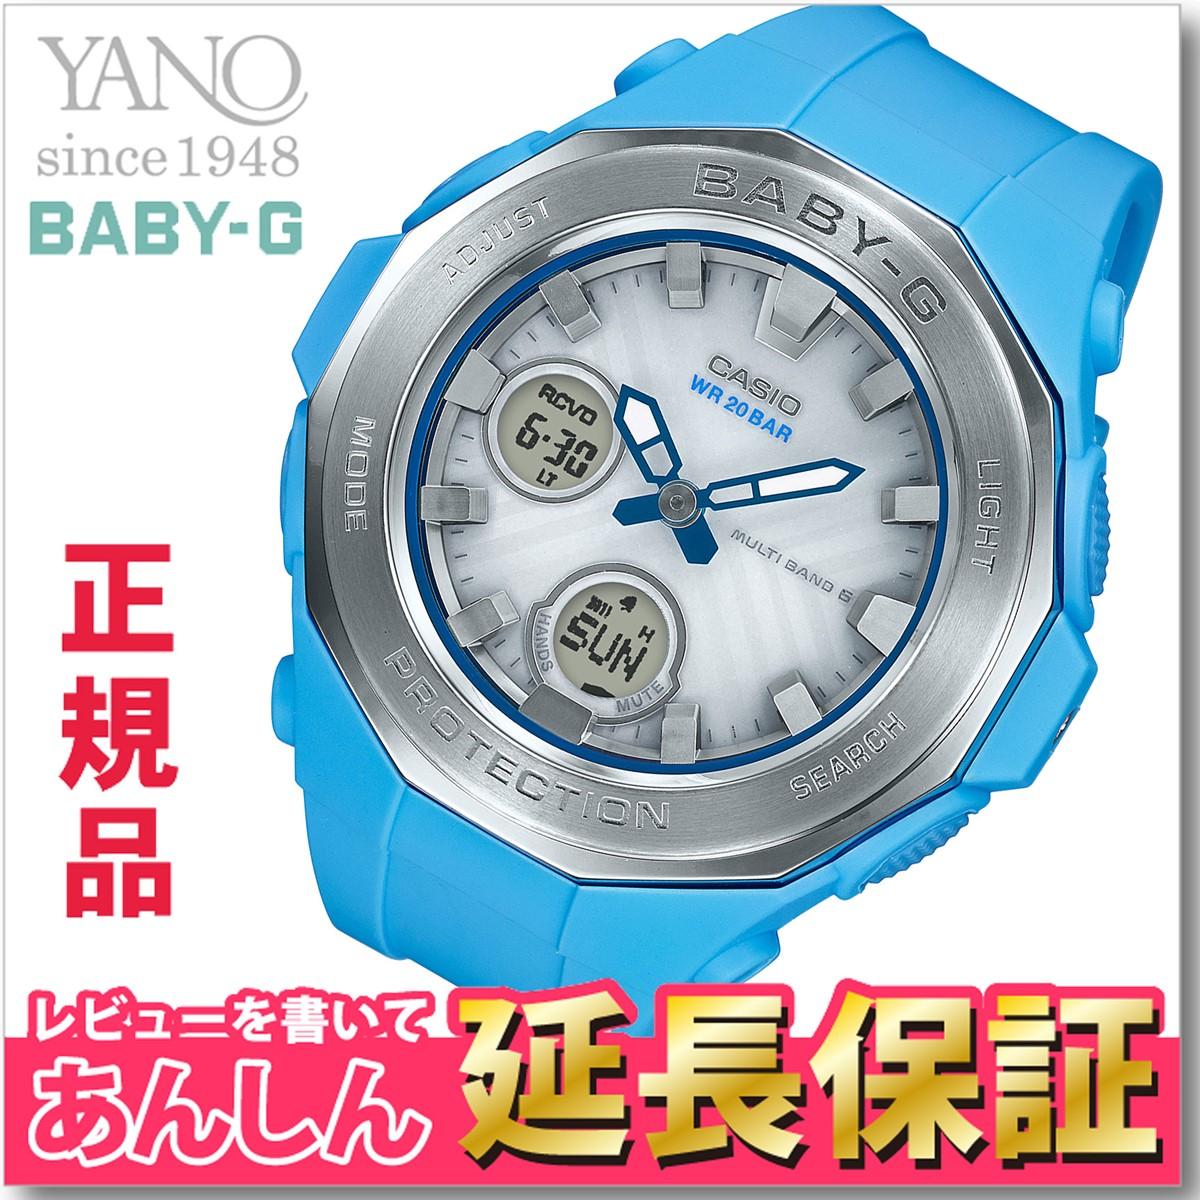 カシオ ベビーG BGA-2250-2AJF ビーチ グランピング シリーズ レディース 腕時計 デジアナ CASIO BABY-G 【正規品】【0617】【店頭受取対応商品】